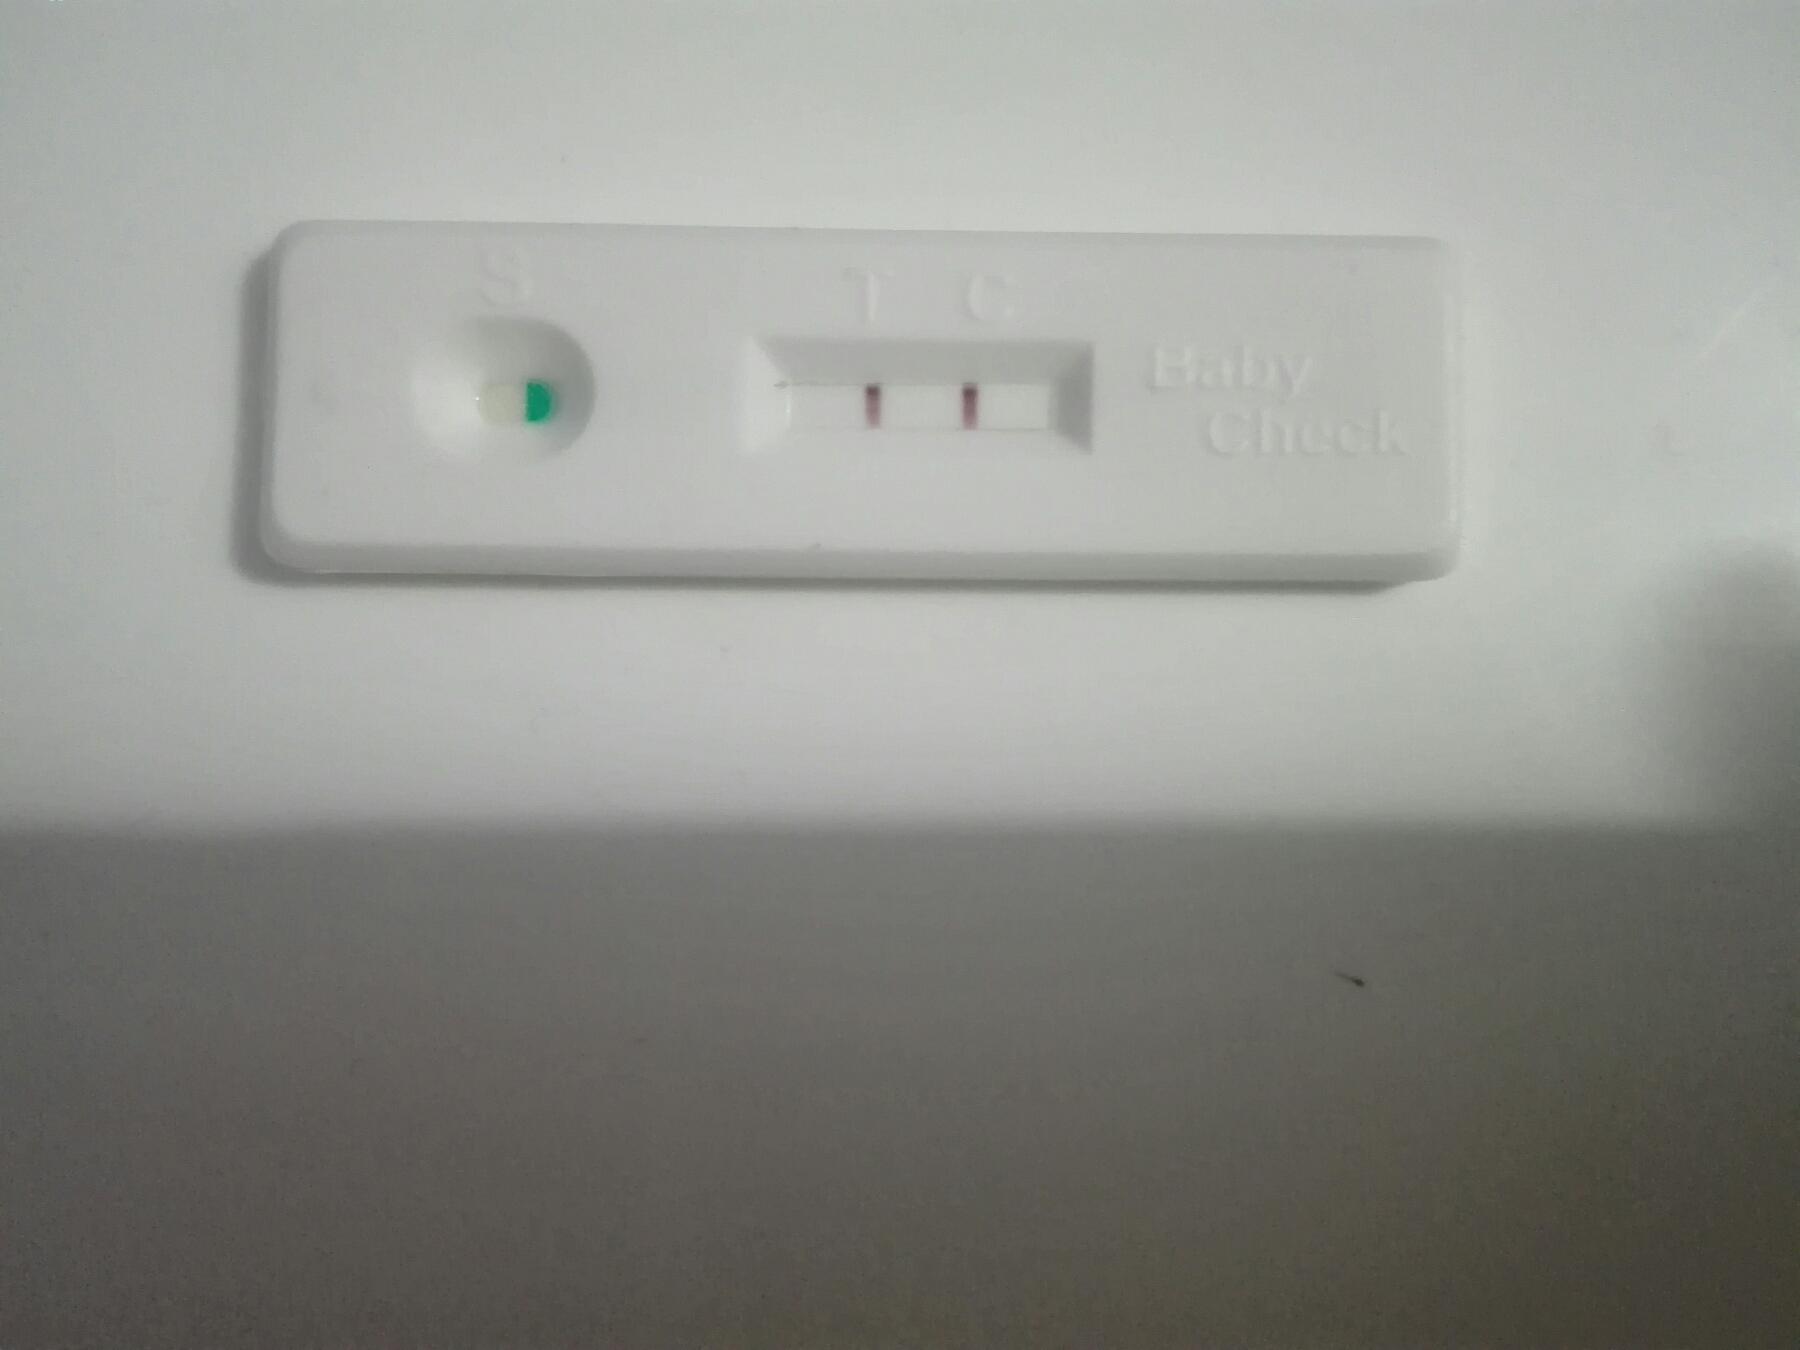 پریود نشدم دوماهه مممکنه باردار باشم